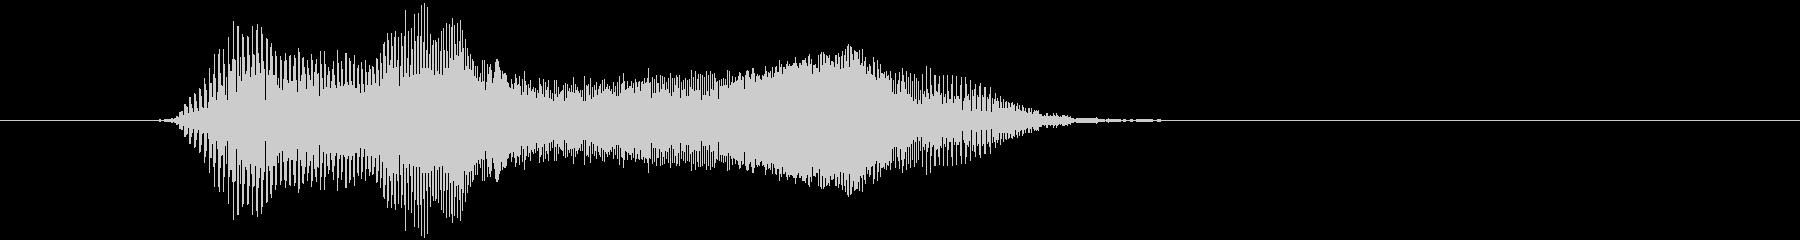 「ワーオ」の未再生の波形